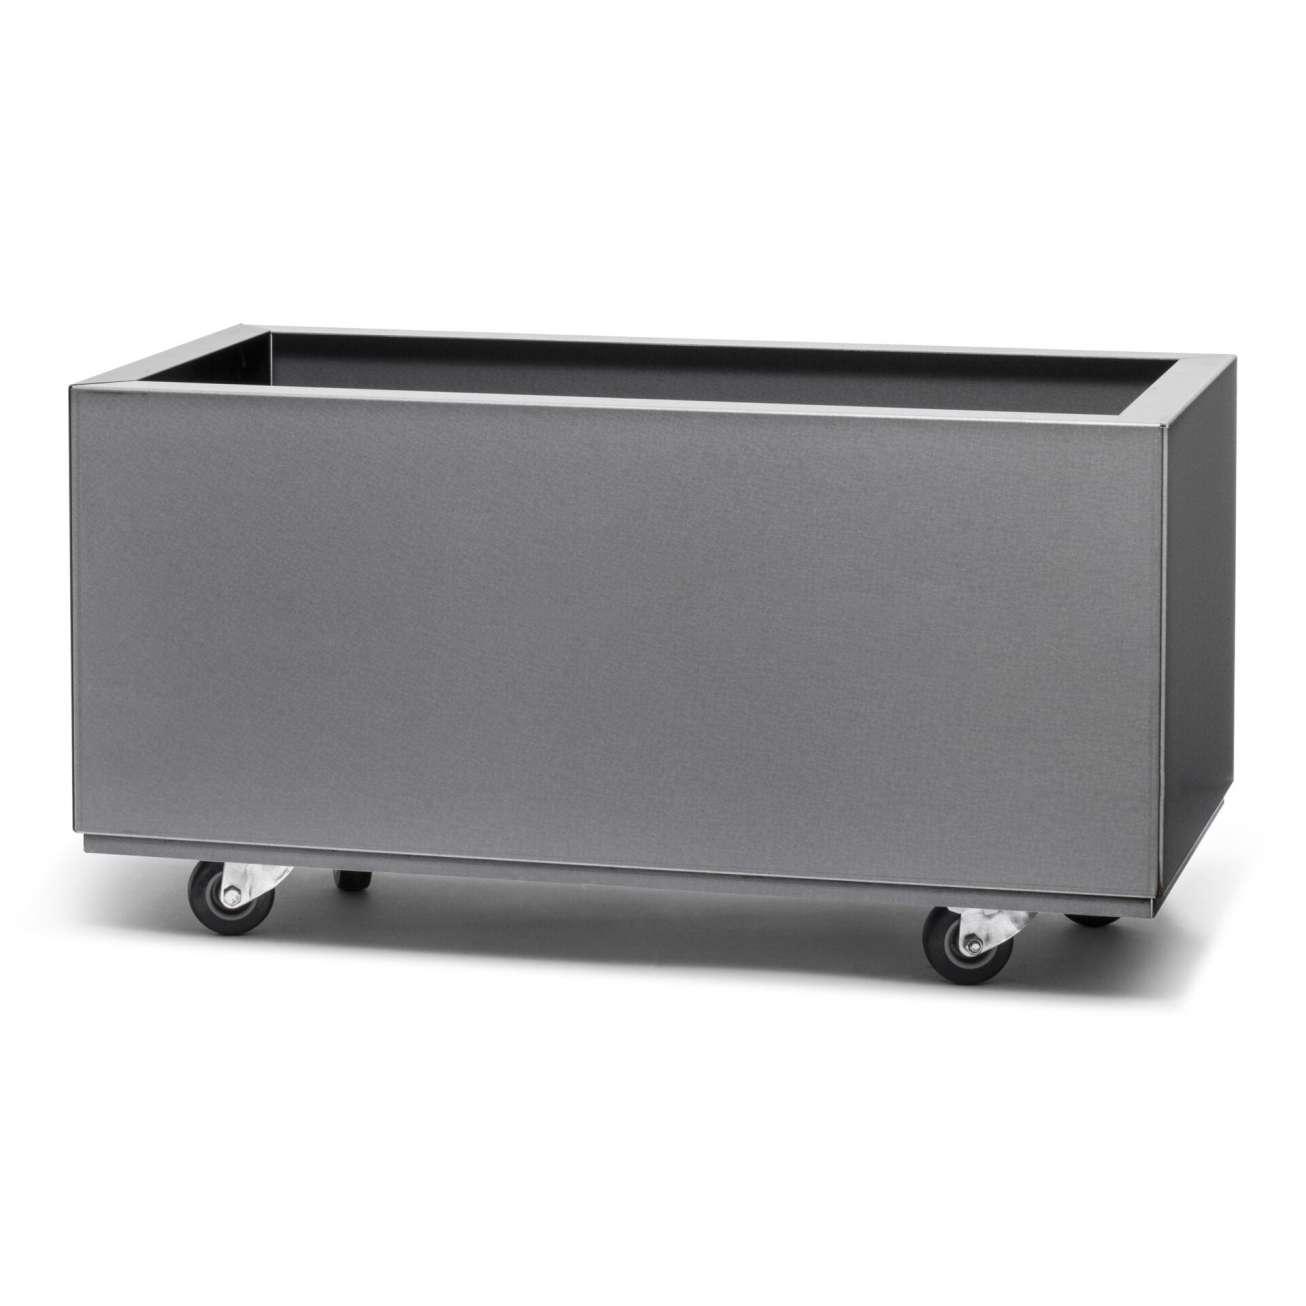 Galfan-60x30 Hagemøbler og utemøbler - Fine design